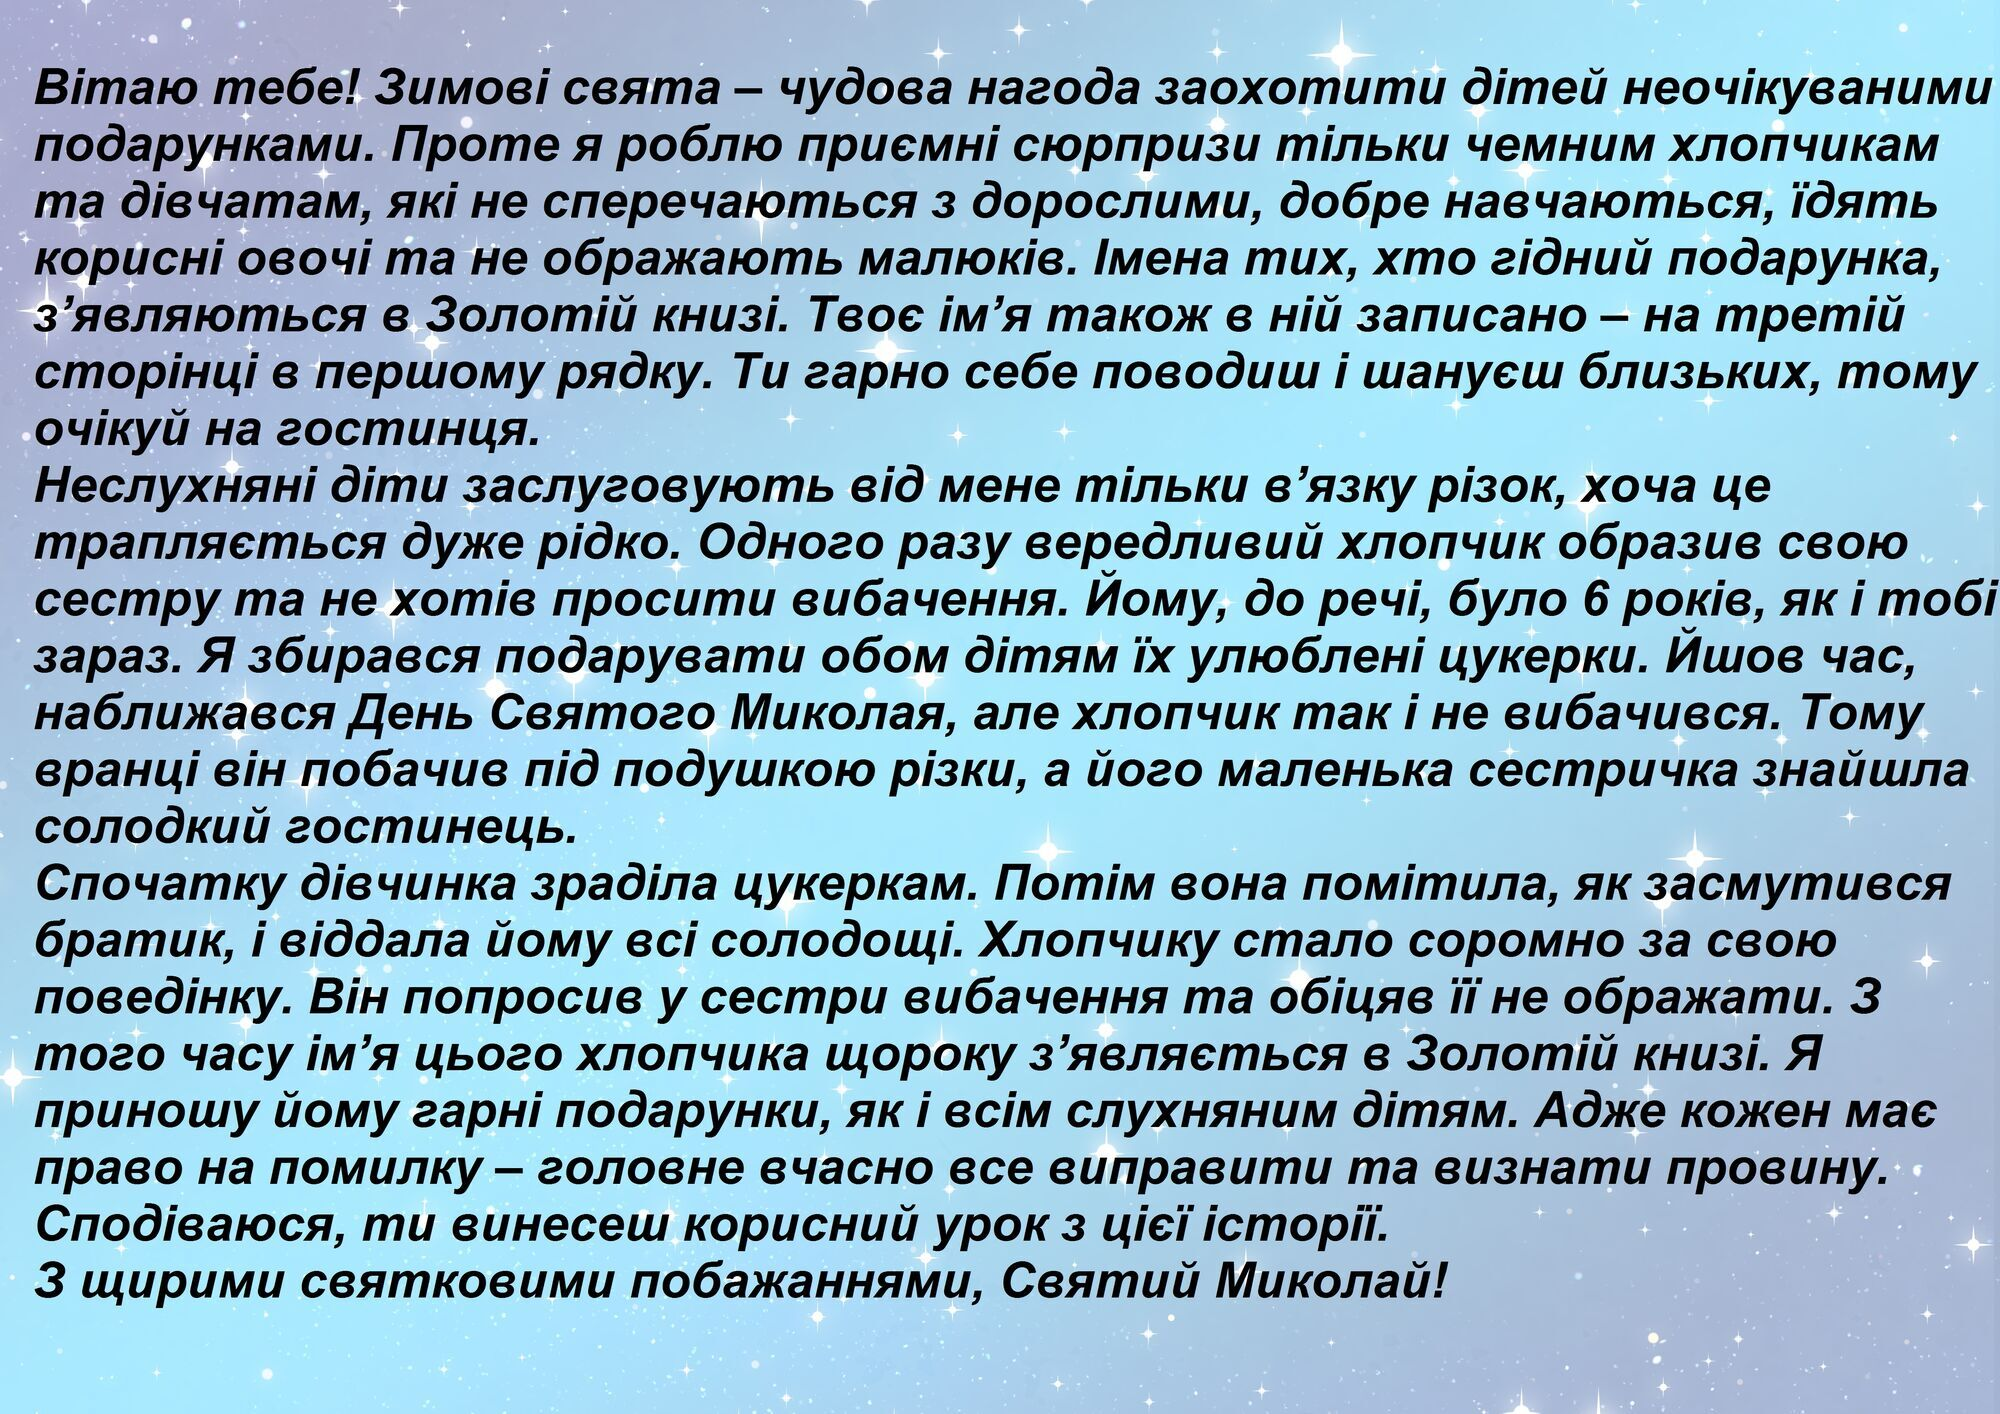 Зразок листа від святого Миколая